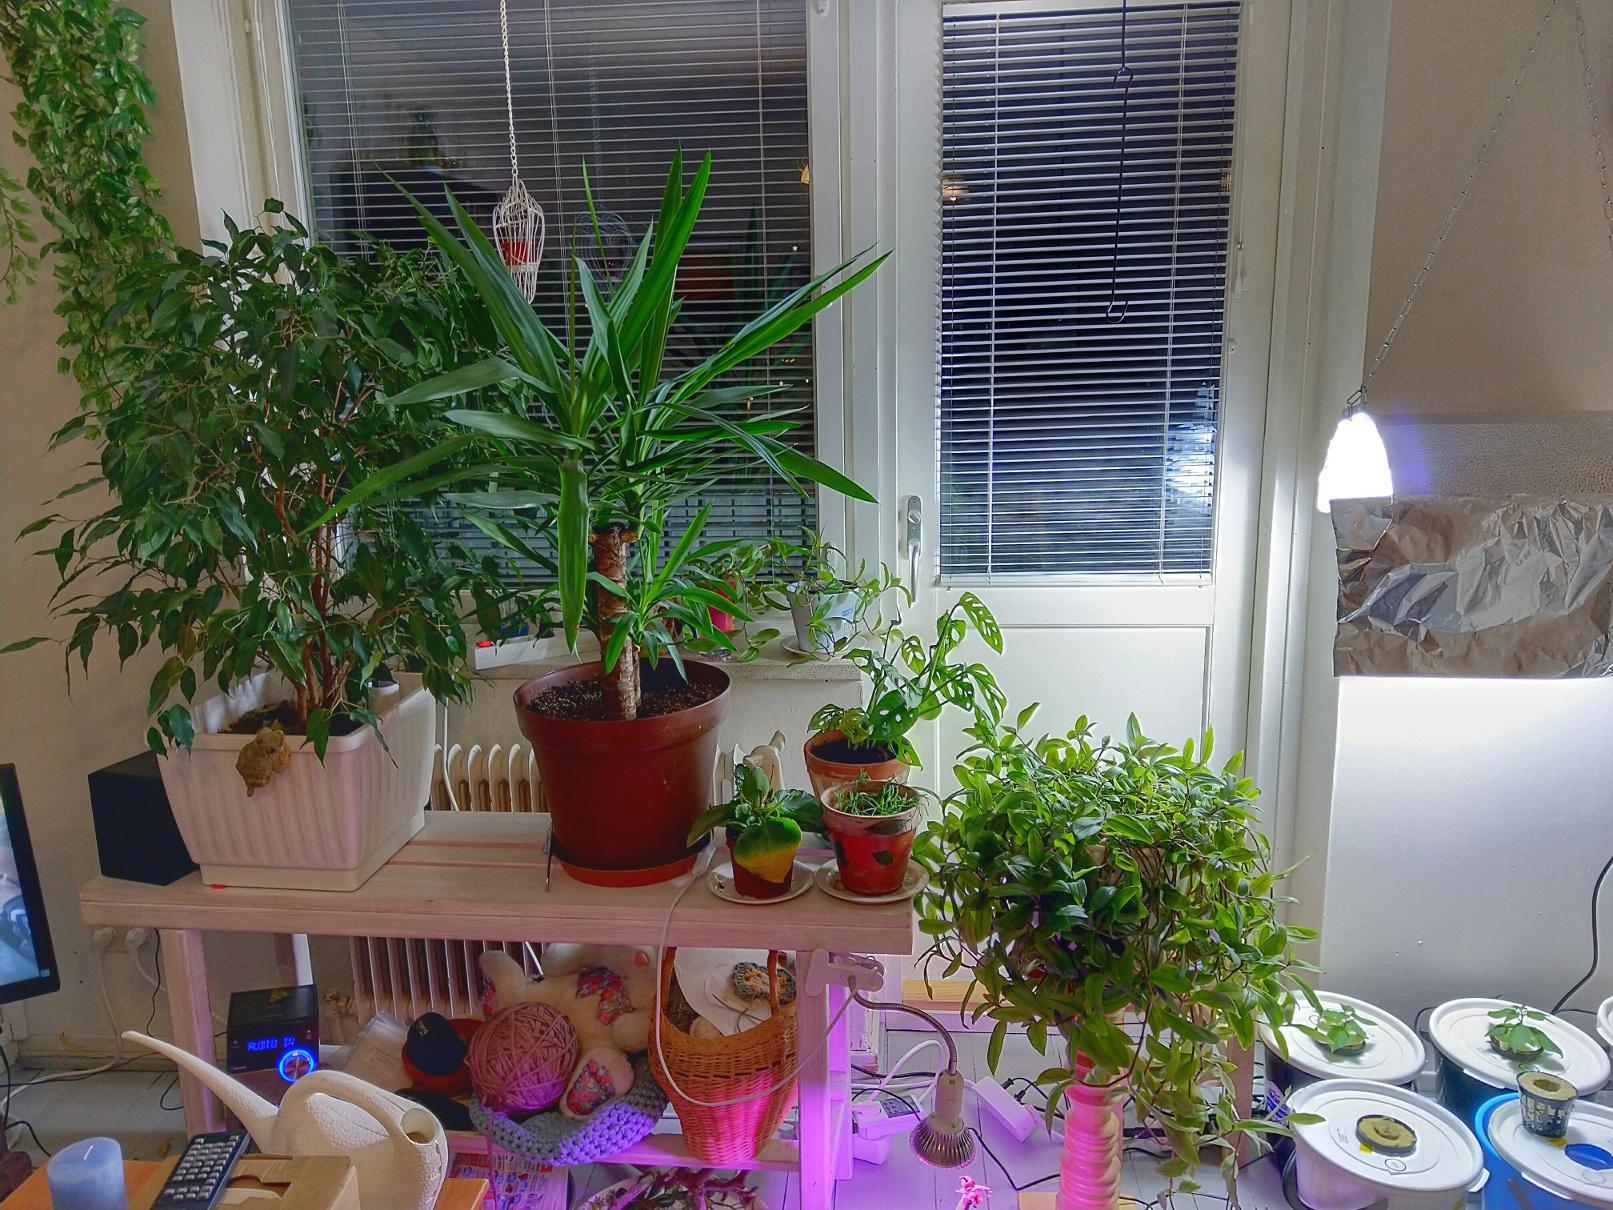 Lähes kaikki huonekasvit, kuva 2.1.2019